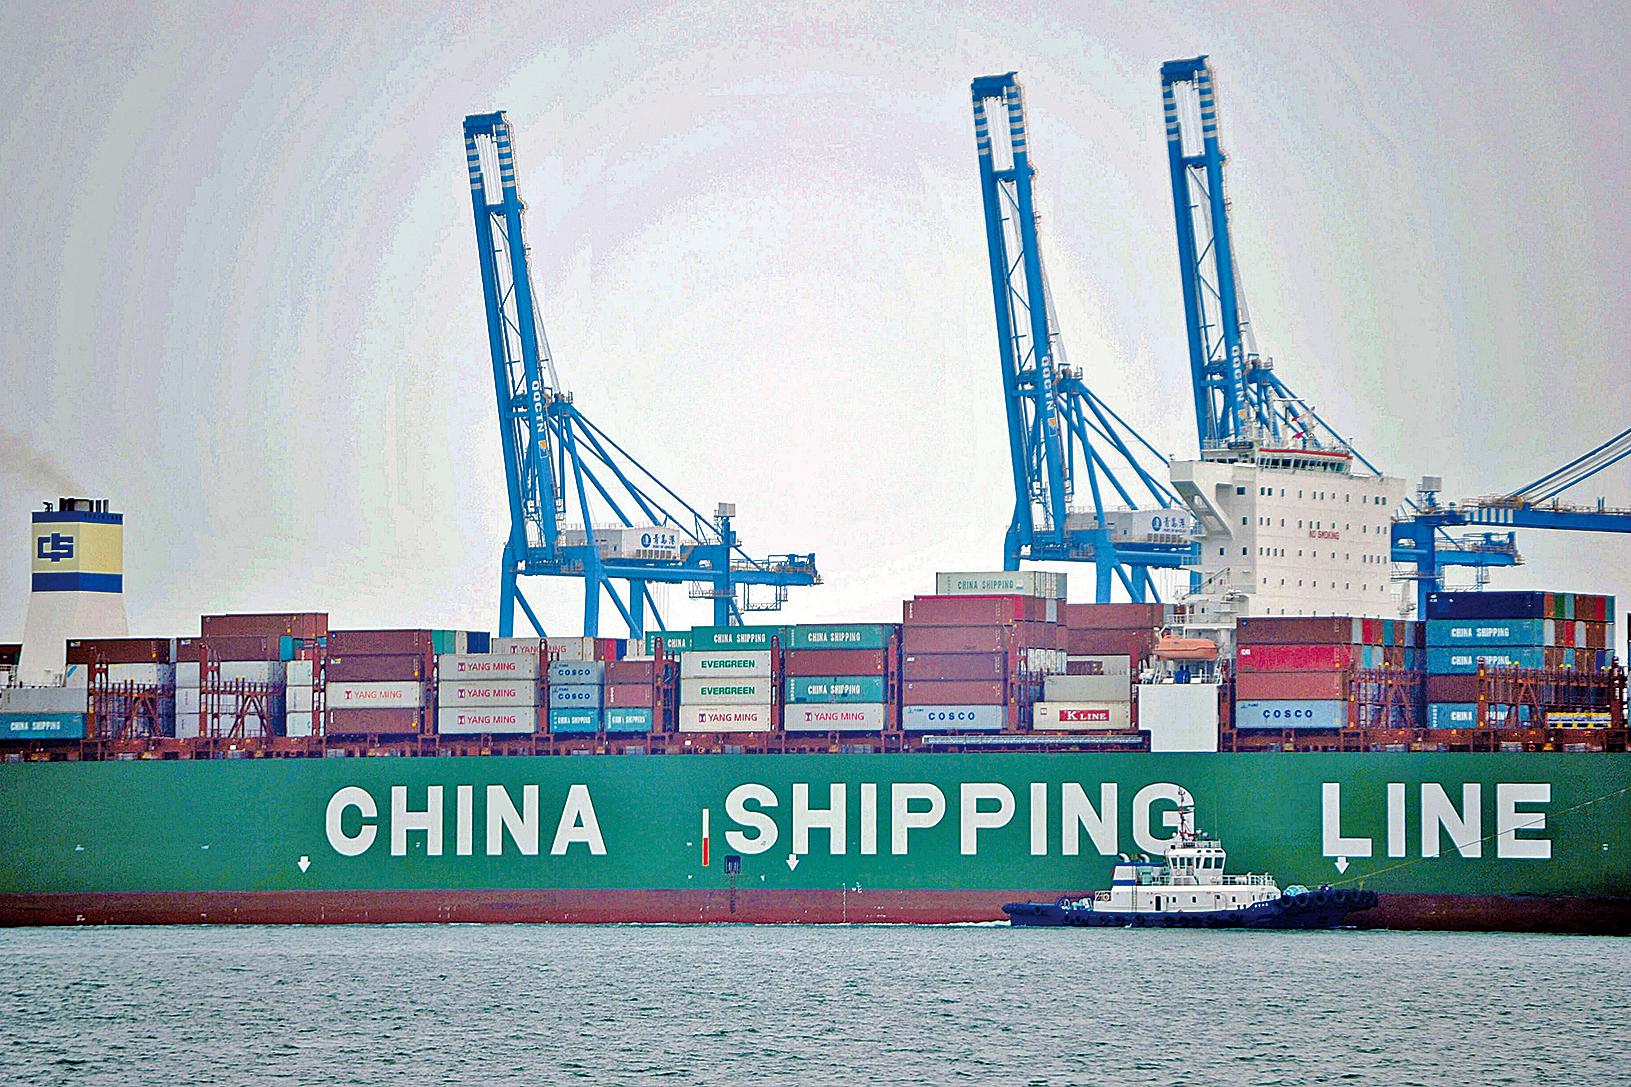 4月貿易數據顯示,國際市場需求不足且中國訂單向外轉移,貿易前景黯淡。(Getty Images)